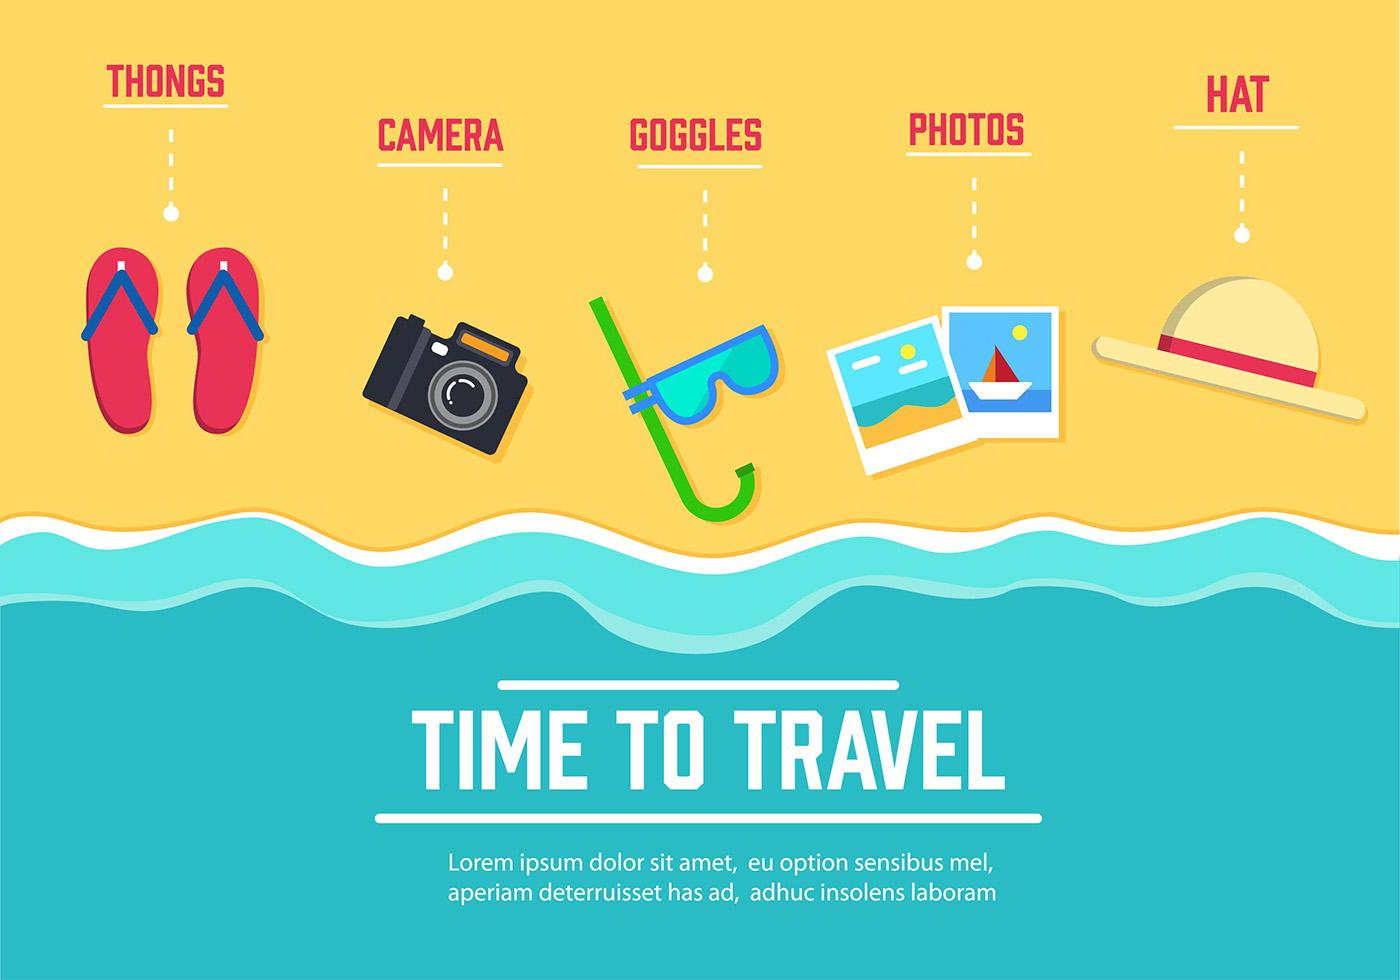 旅遊 icon 免費下載 | 天天瘋後製